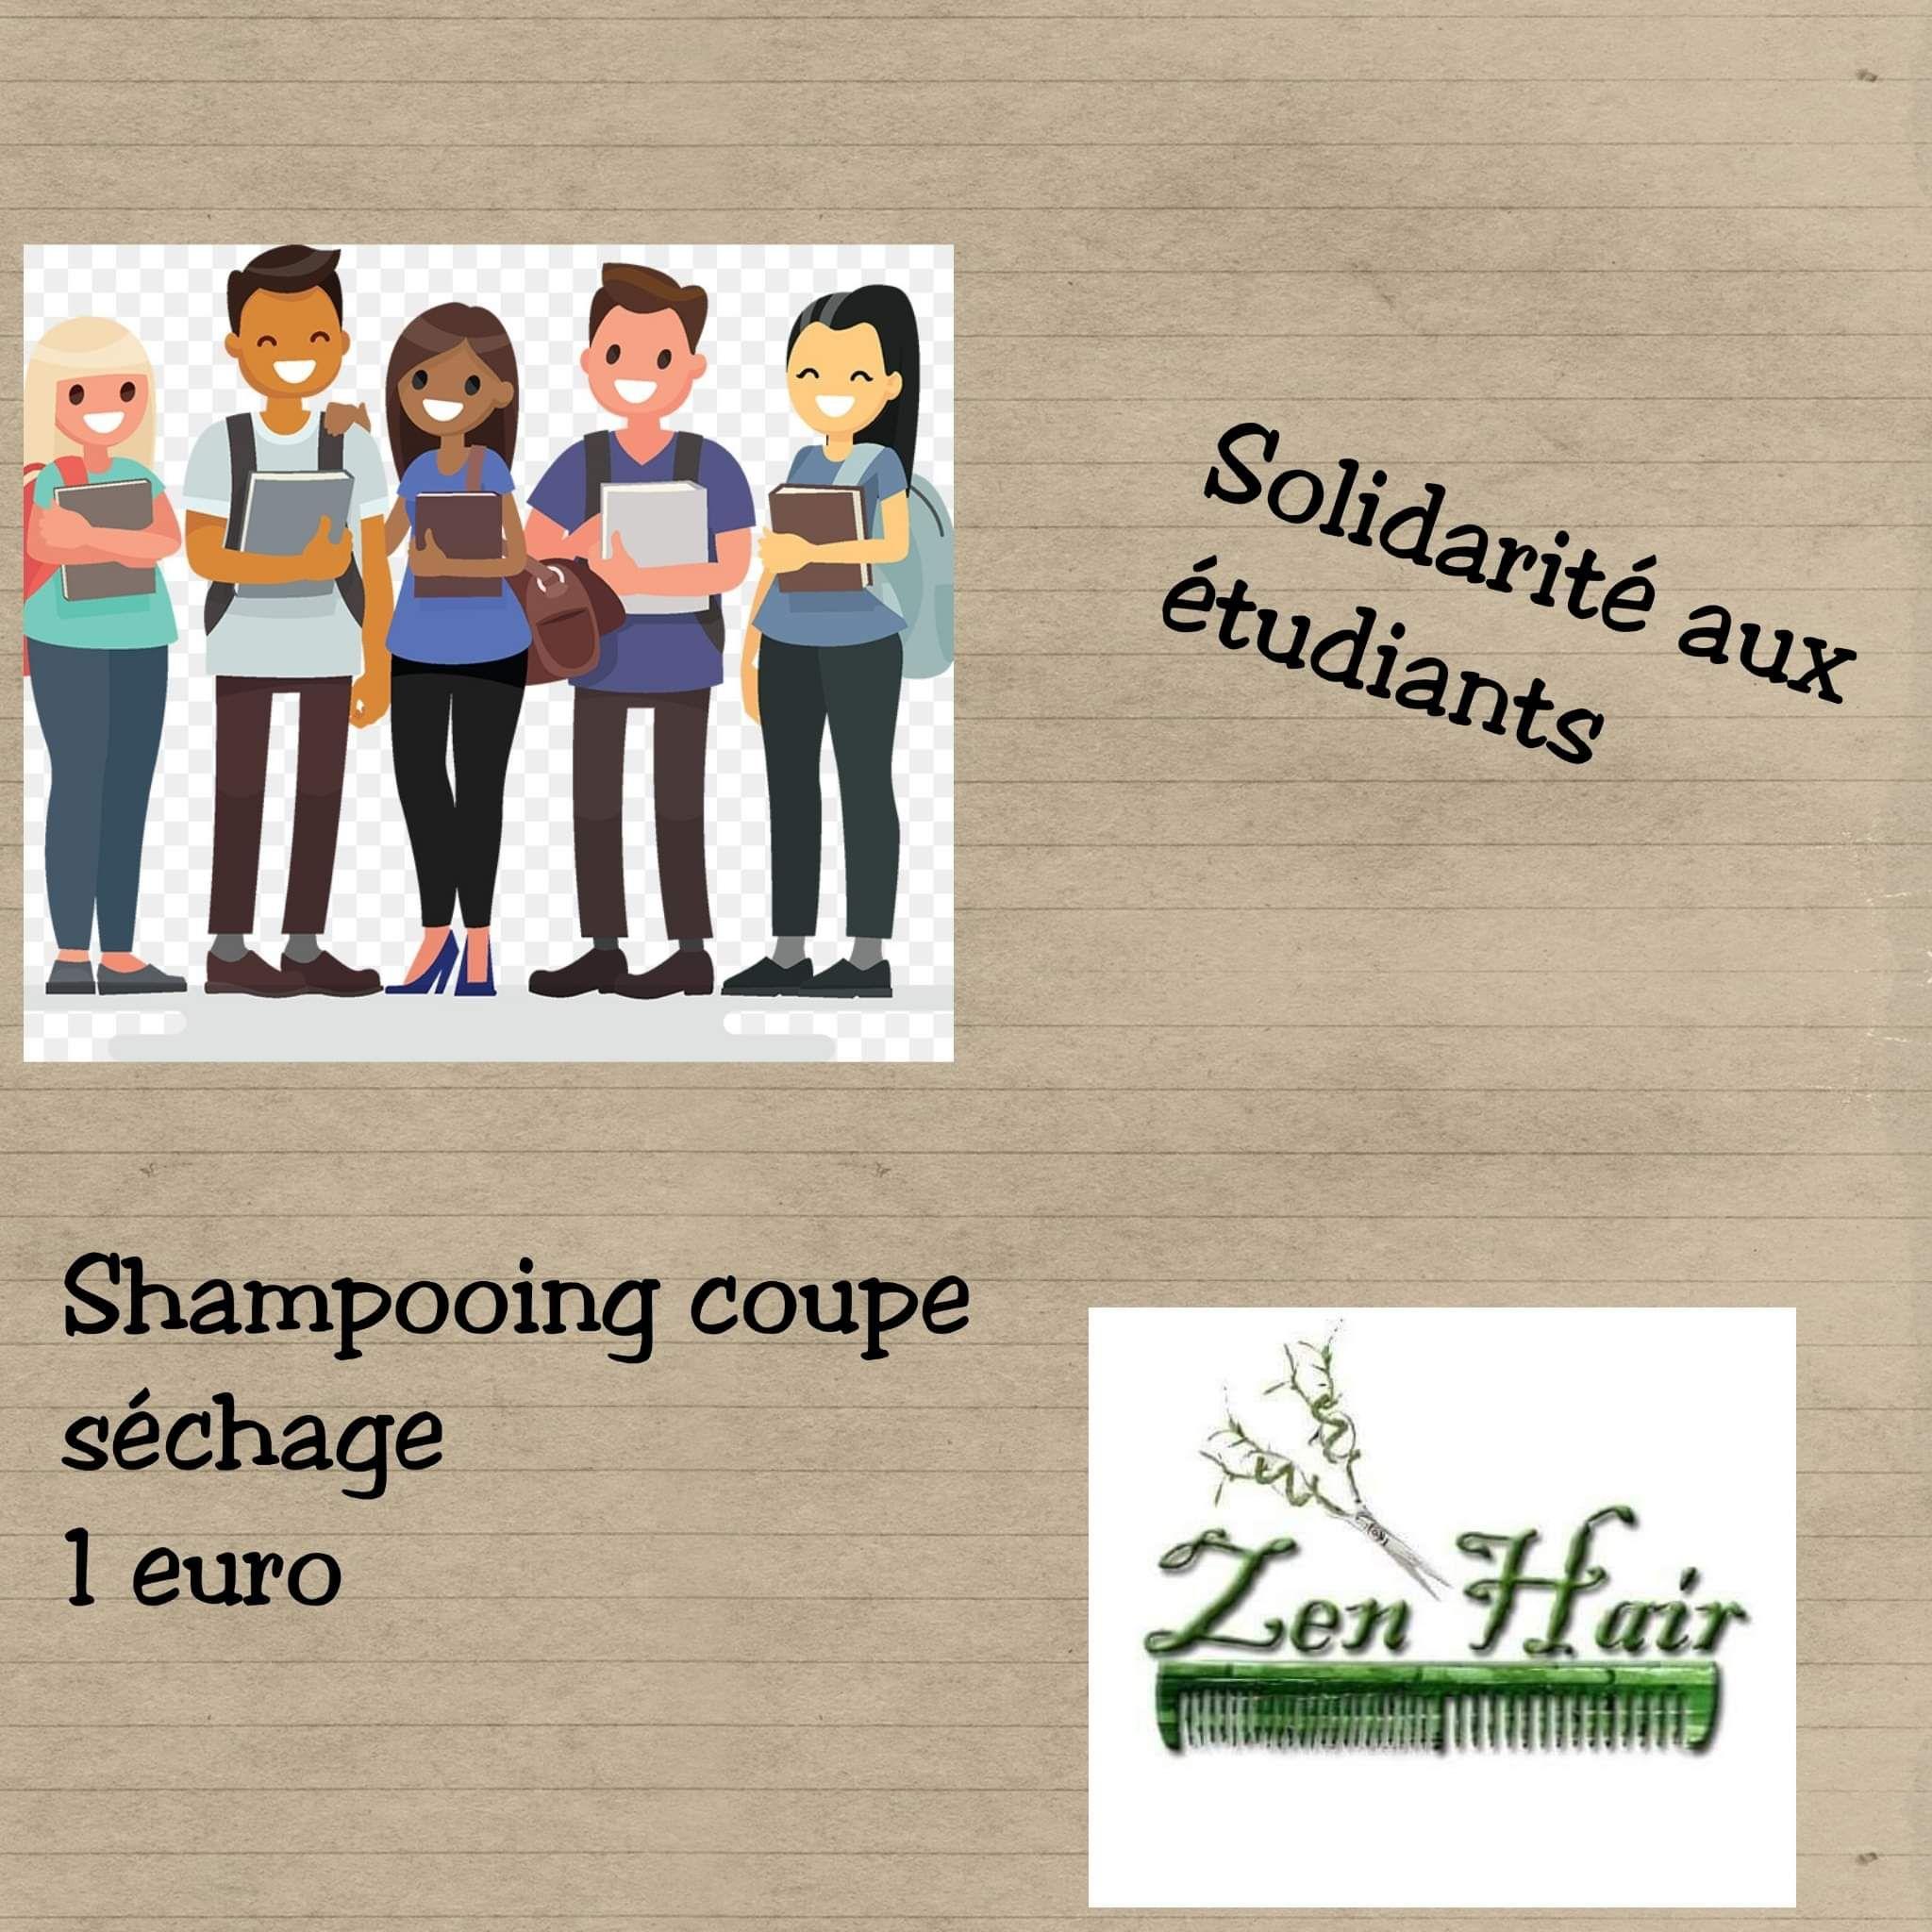 [Étudiants] Shampooing coupe séchage à 1€ - Salon de coiffure Zen'Hair (Longeville-Lès-Metz 57)